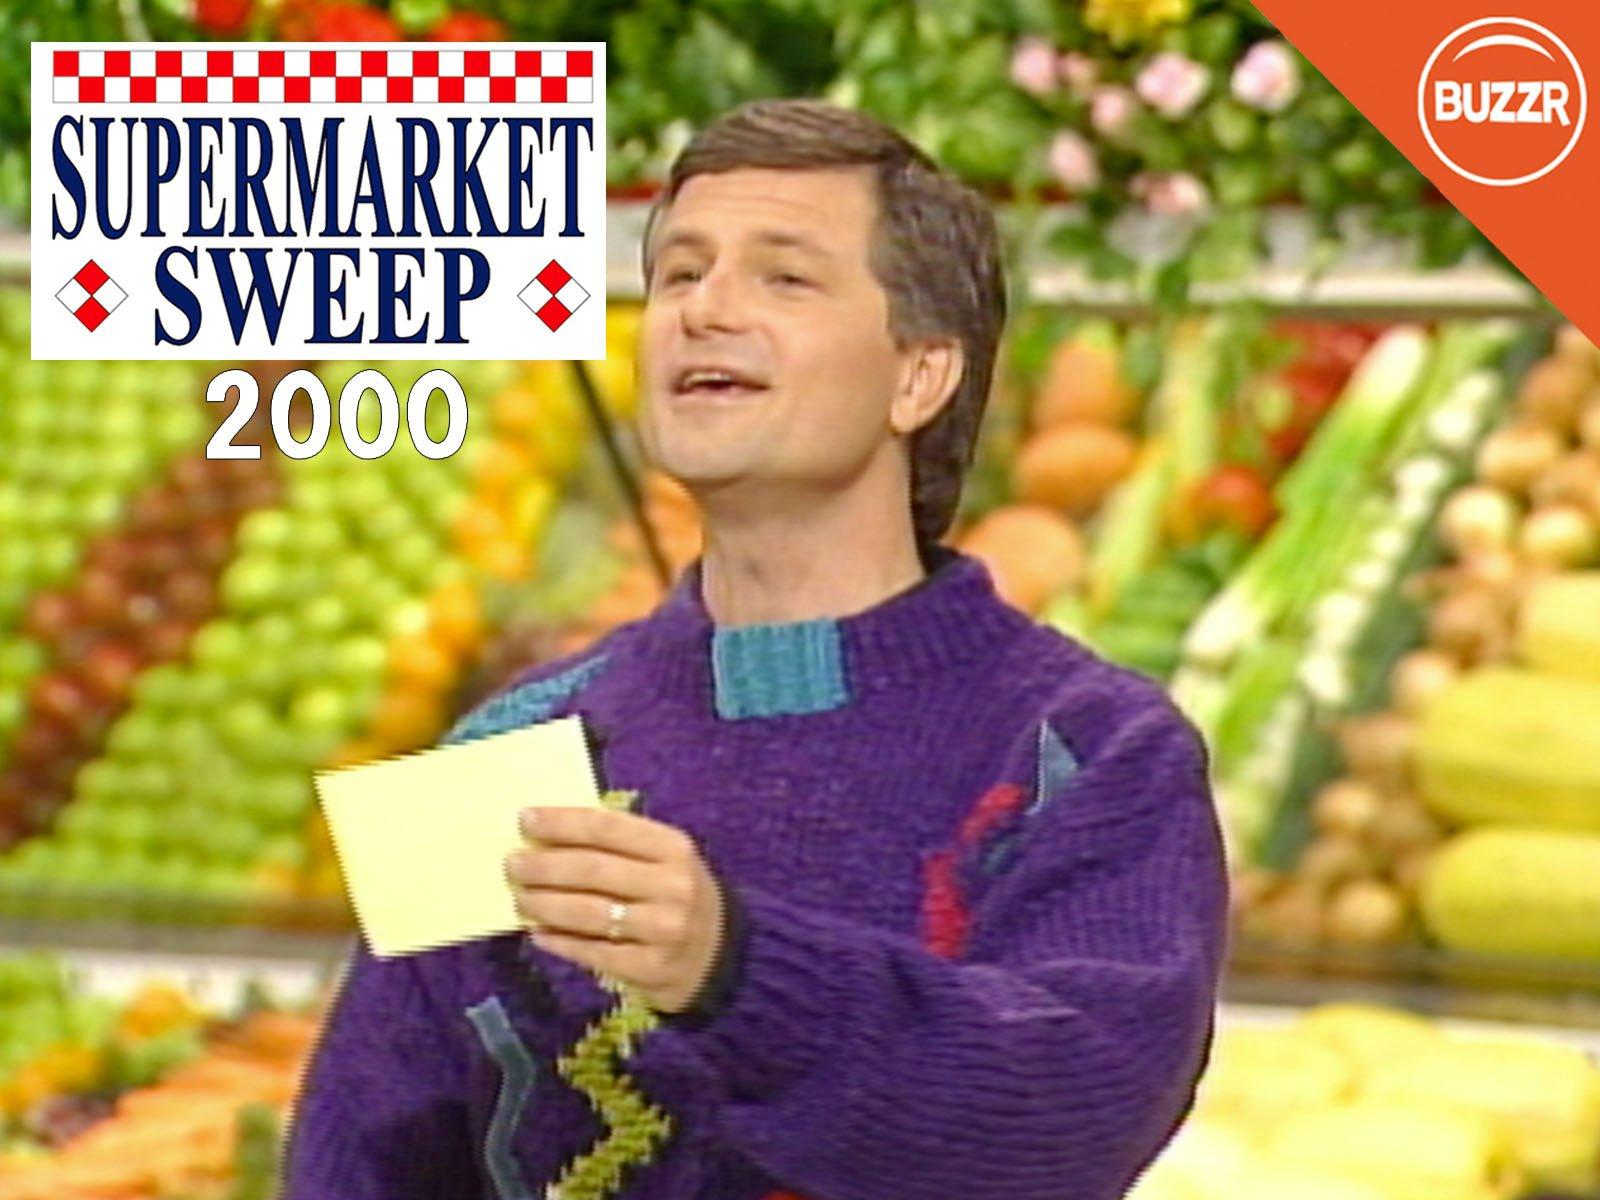 Watch 'Supermarket Sweep 2000' on Amazon Prime Video UK